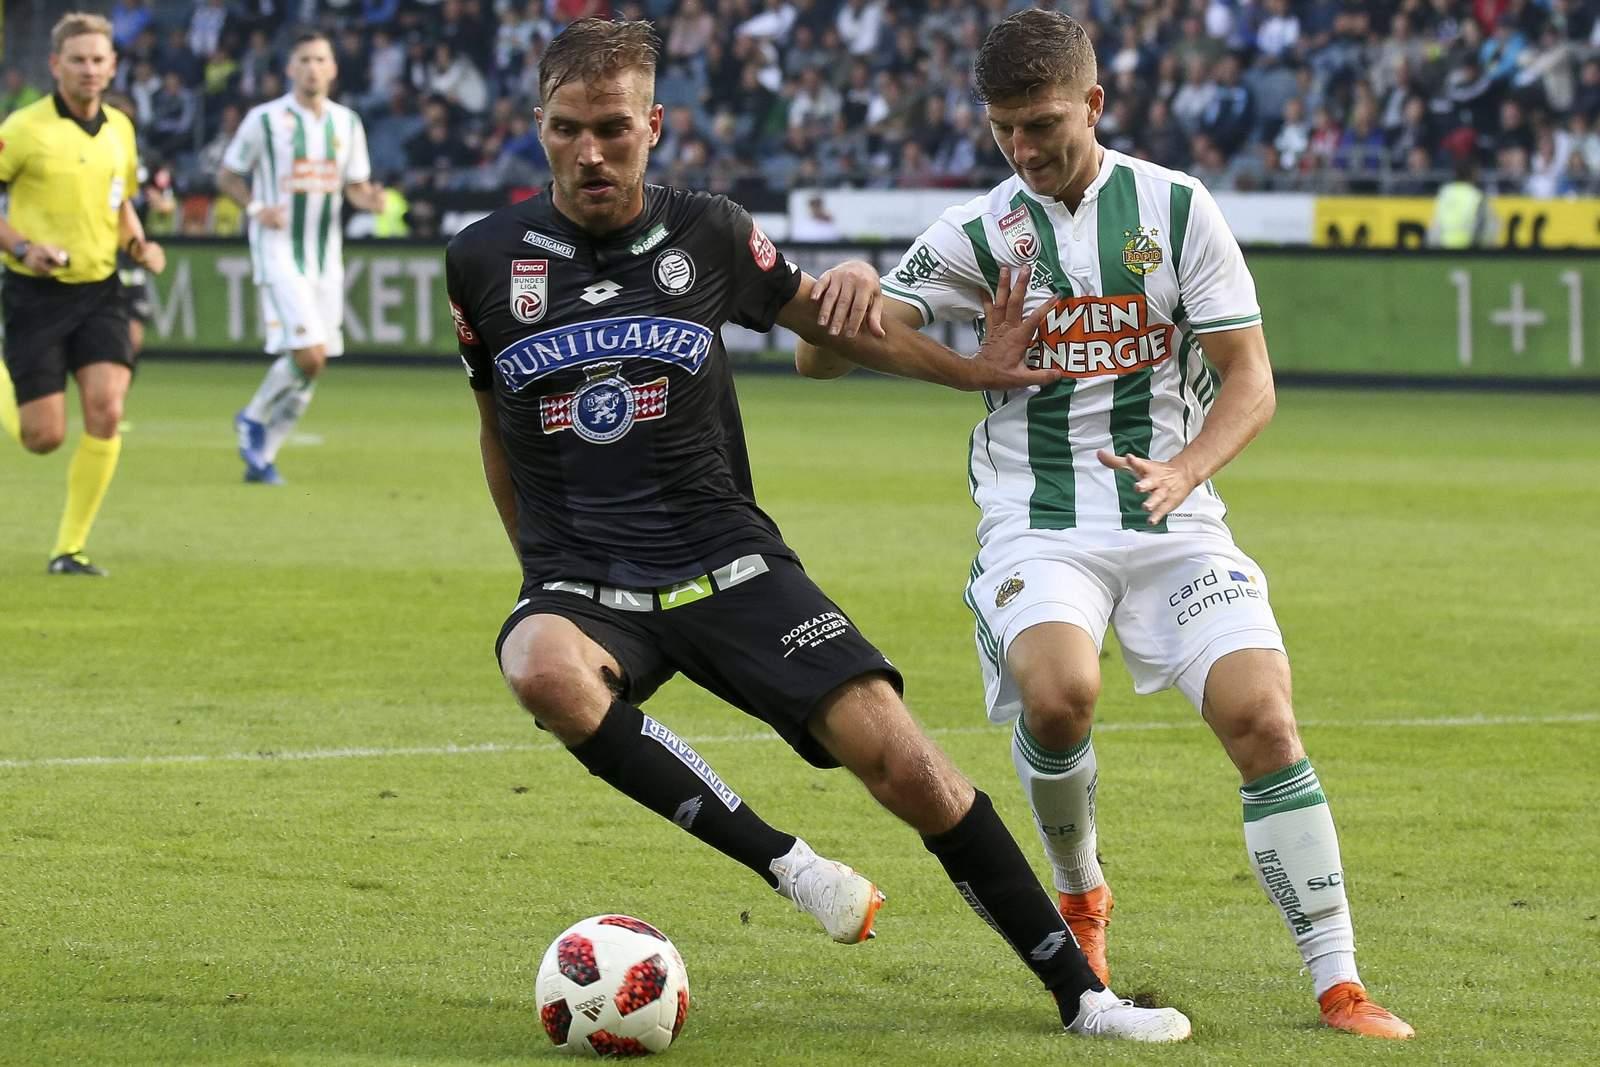 Lukas Grozurek von Sturm Graz gegen Mert Müldür von Rapid Wien